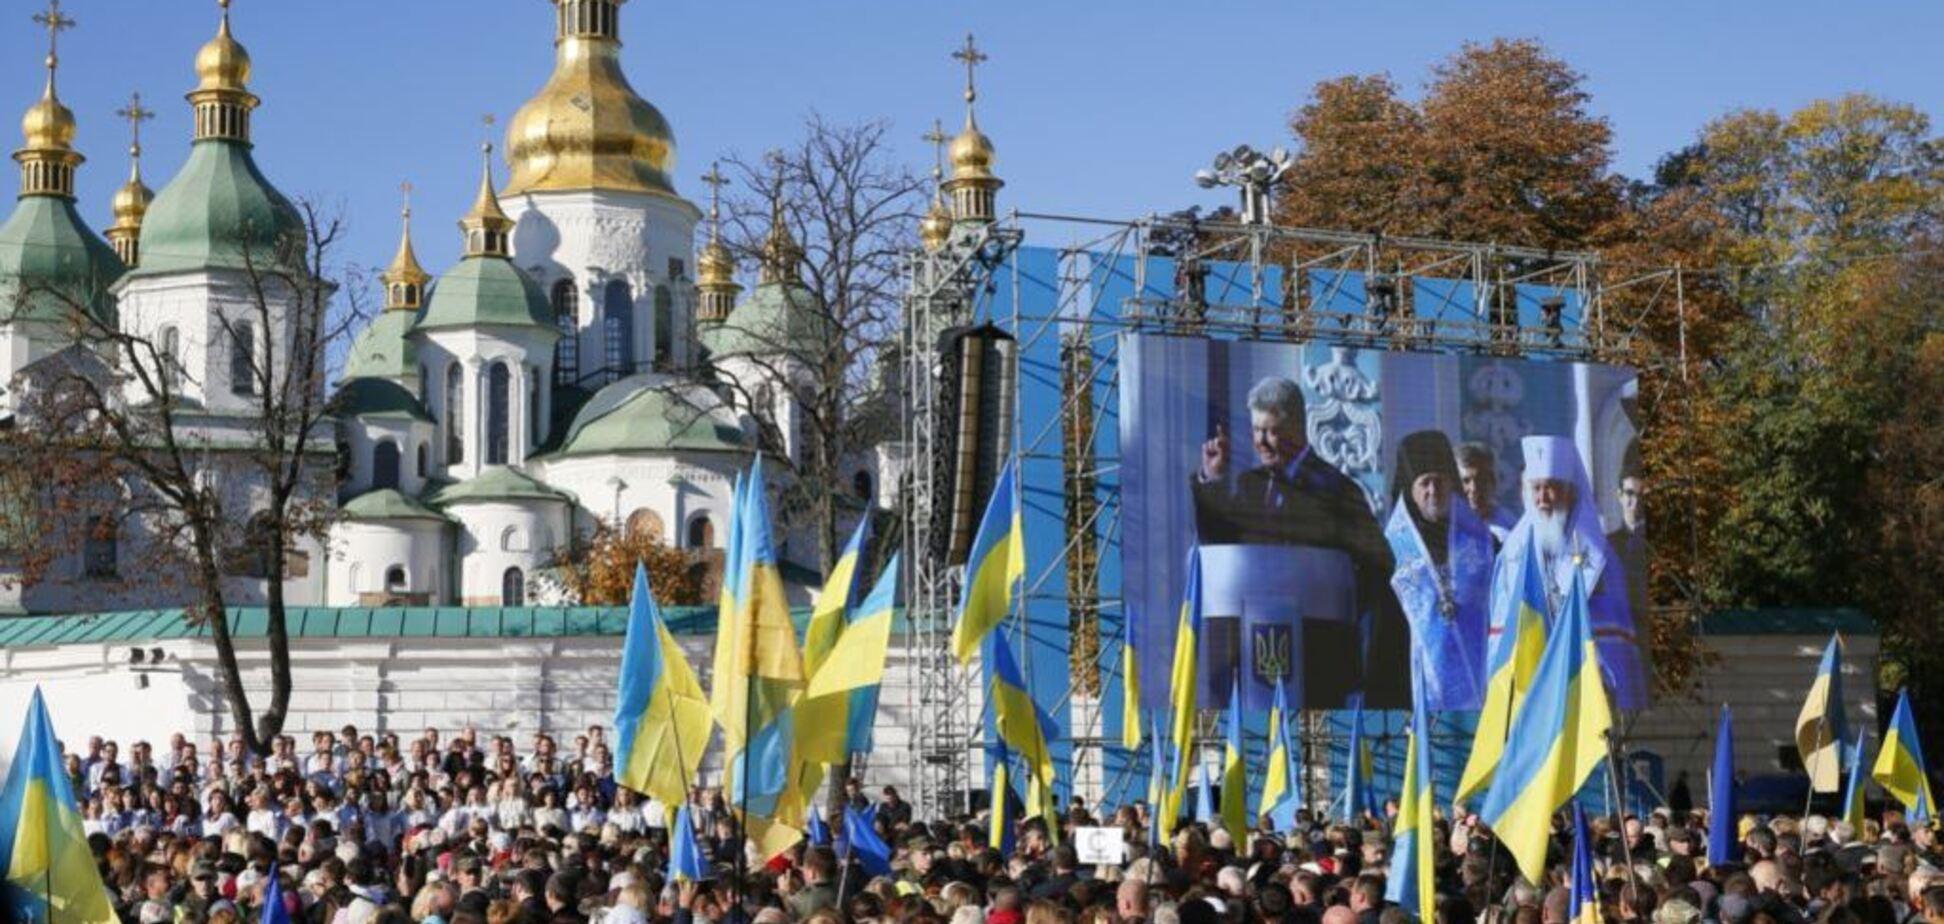 Єдина церква: стало відомо, скільки українців підтримують Томос